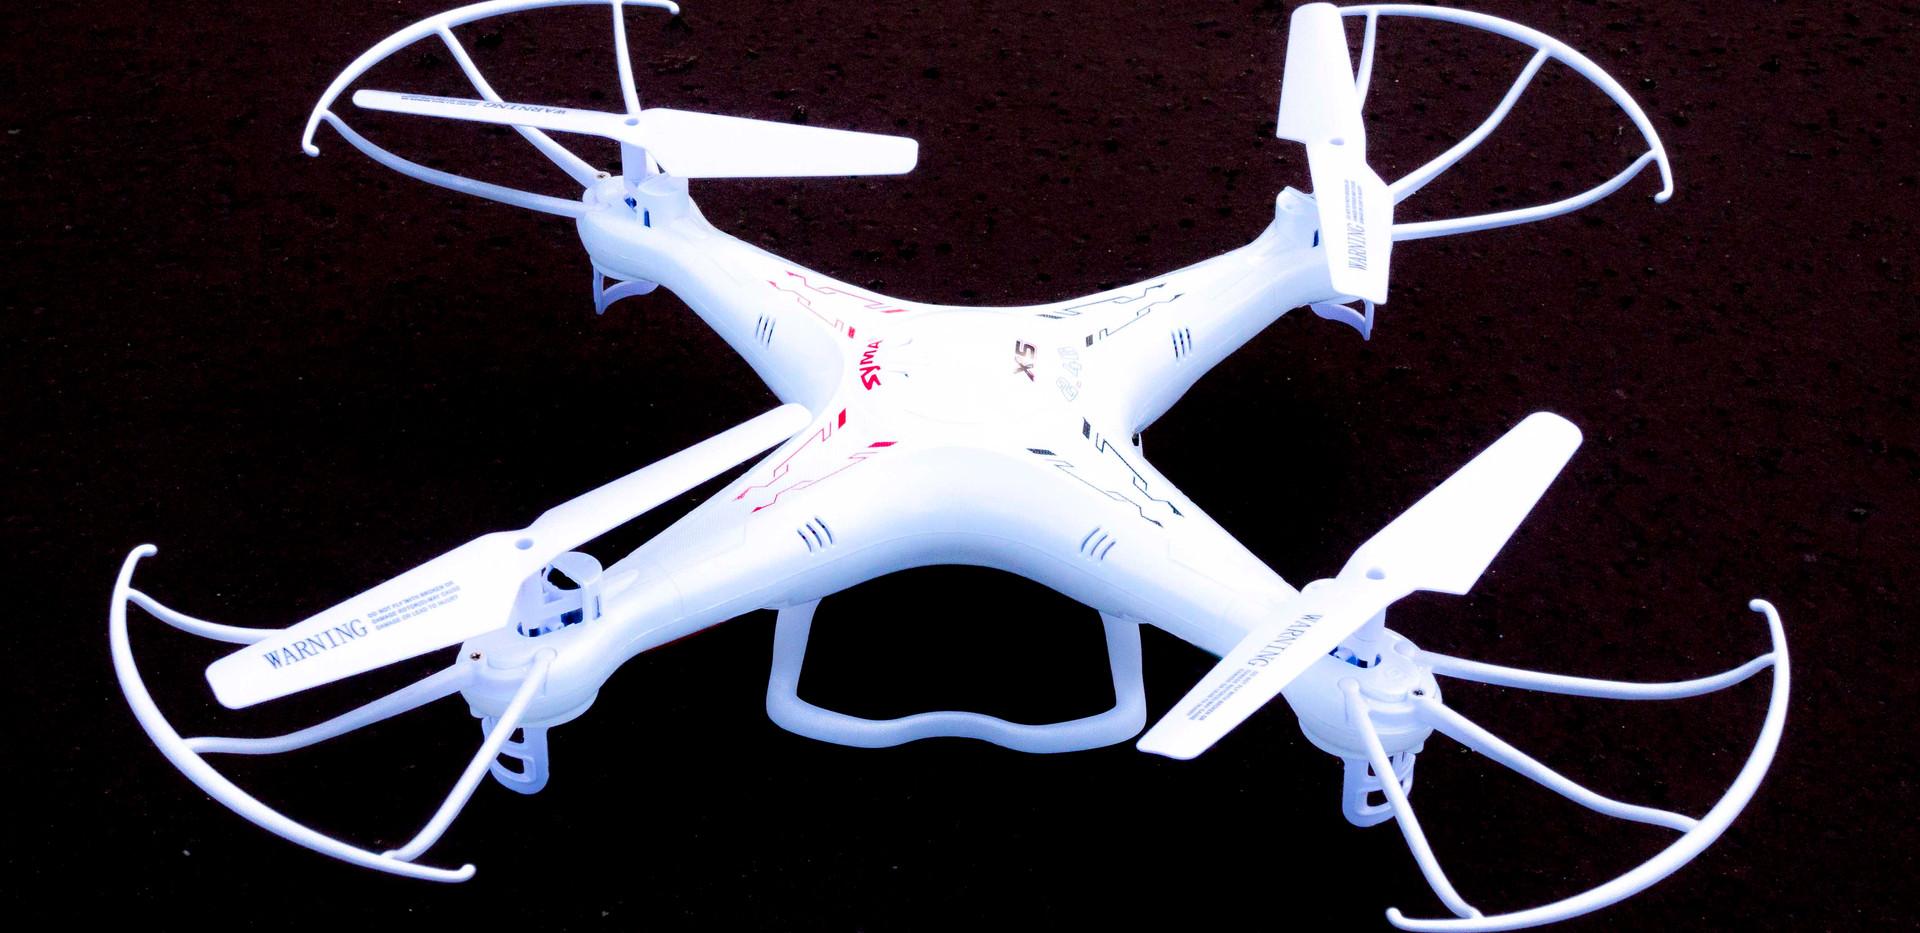 drones- manzaneda-snow4you-esqui.jpg